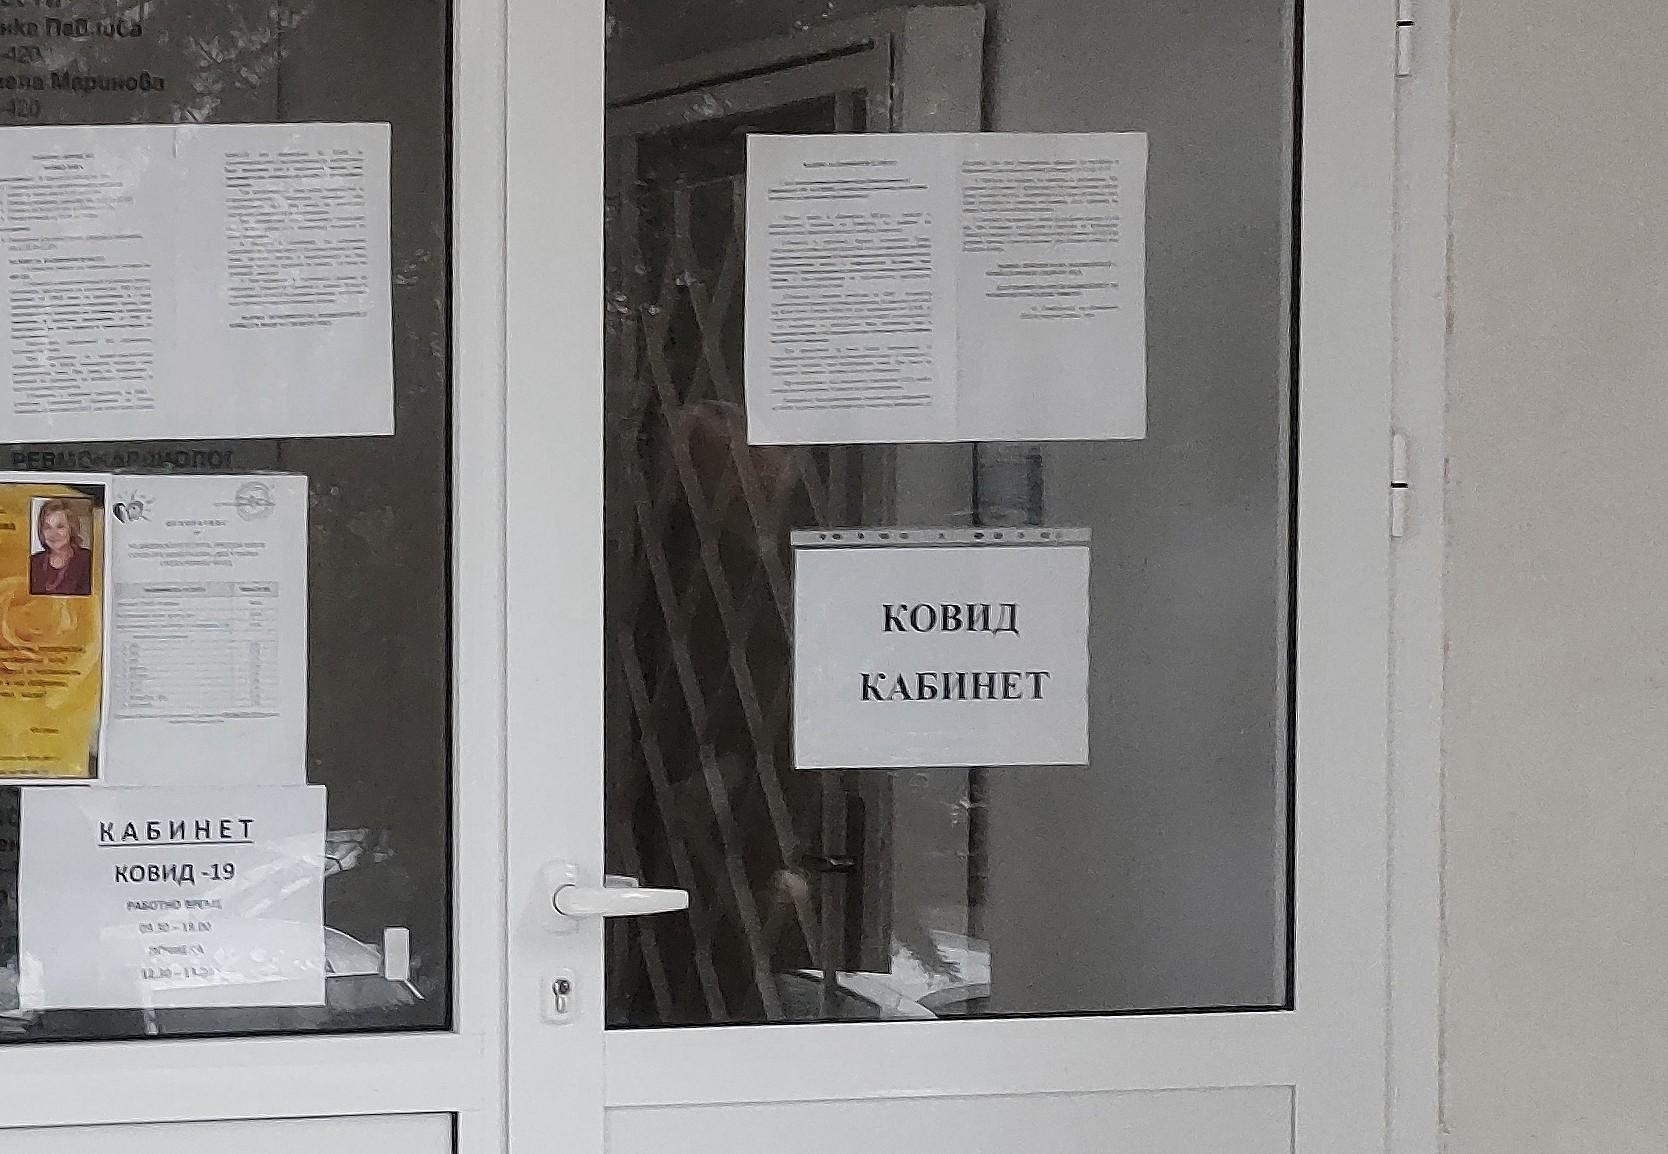 100 души са прегледани в ковид кабинетите през изминалата седмица